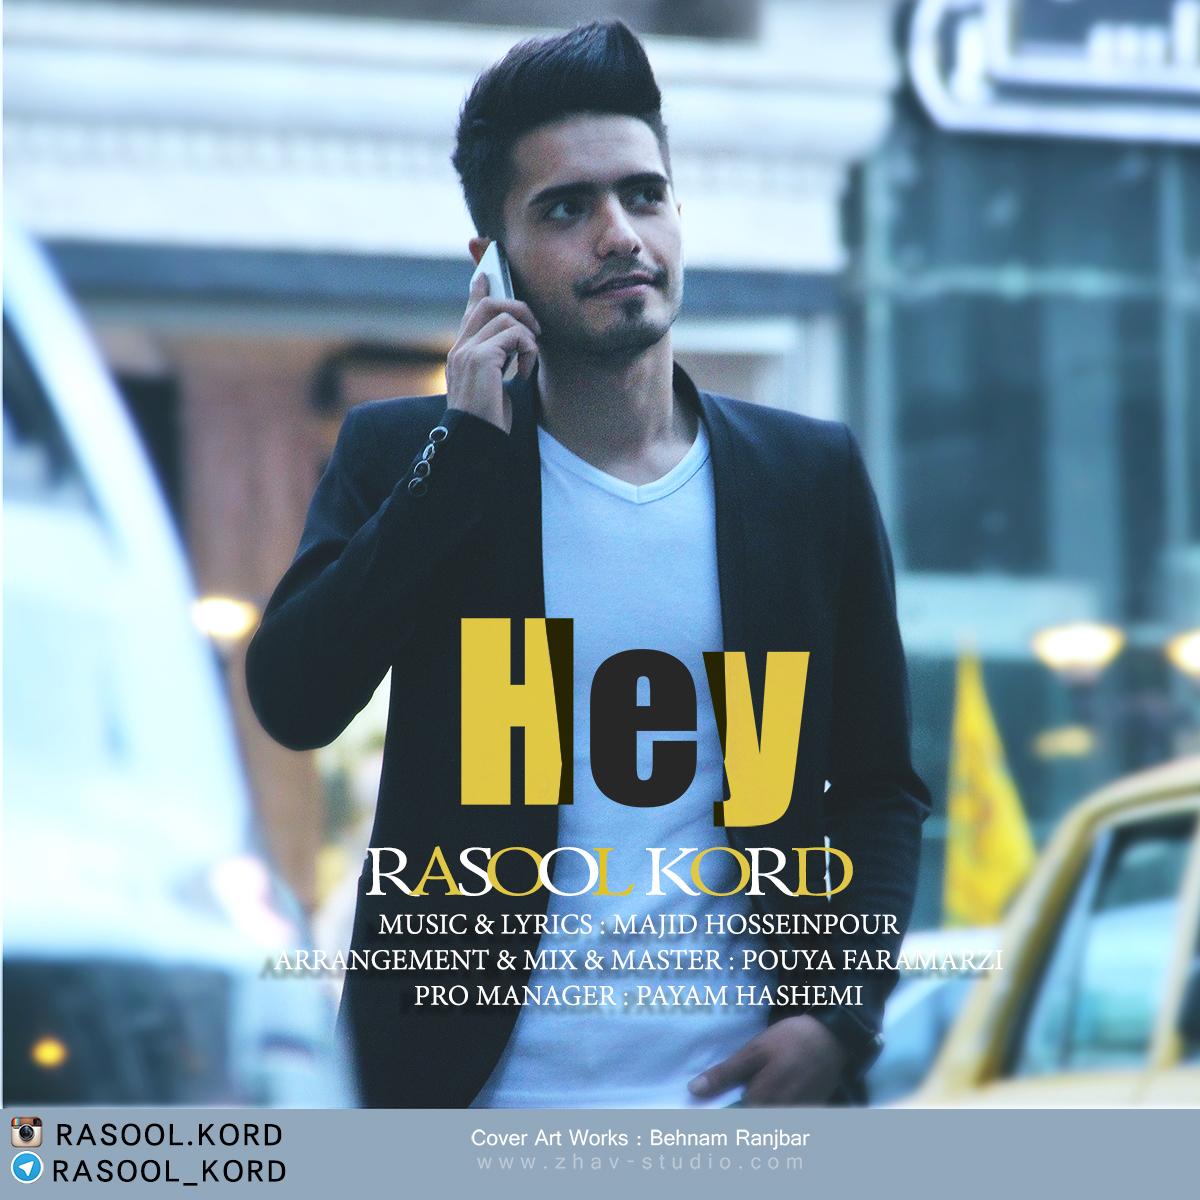 Rasool Kord – Hey